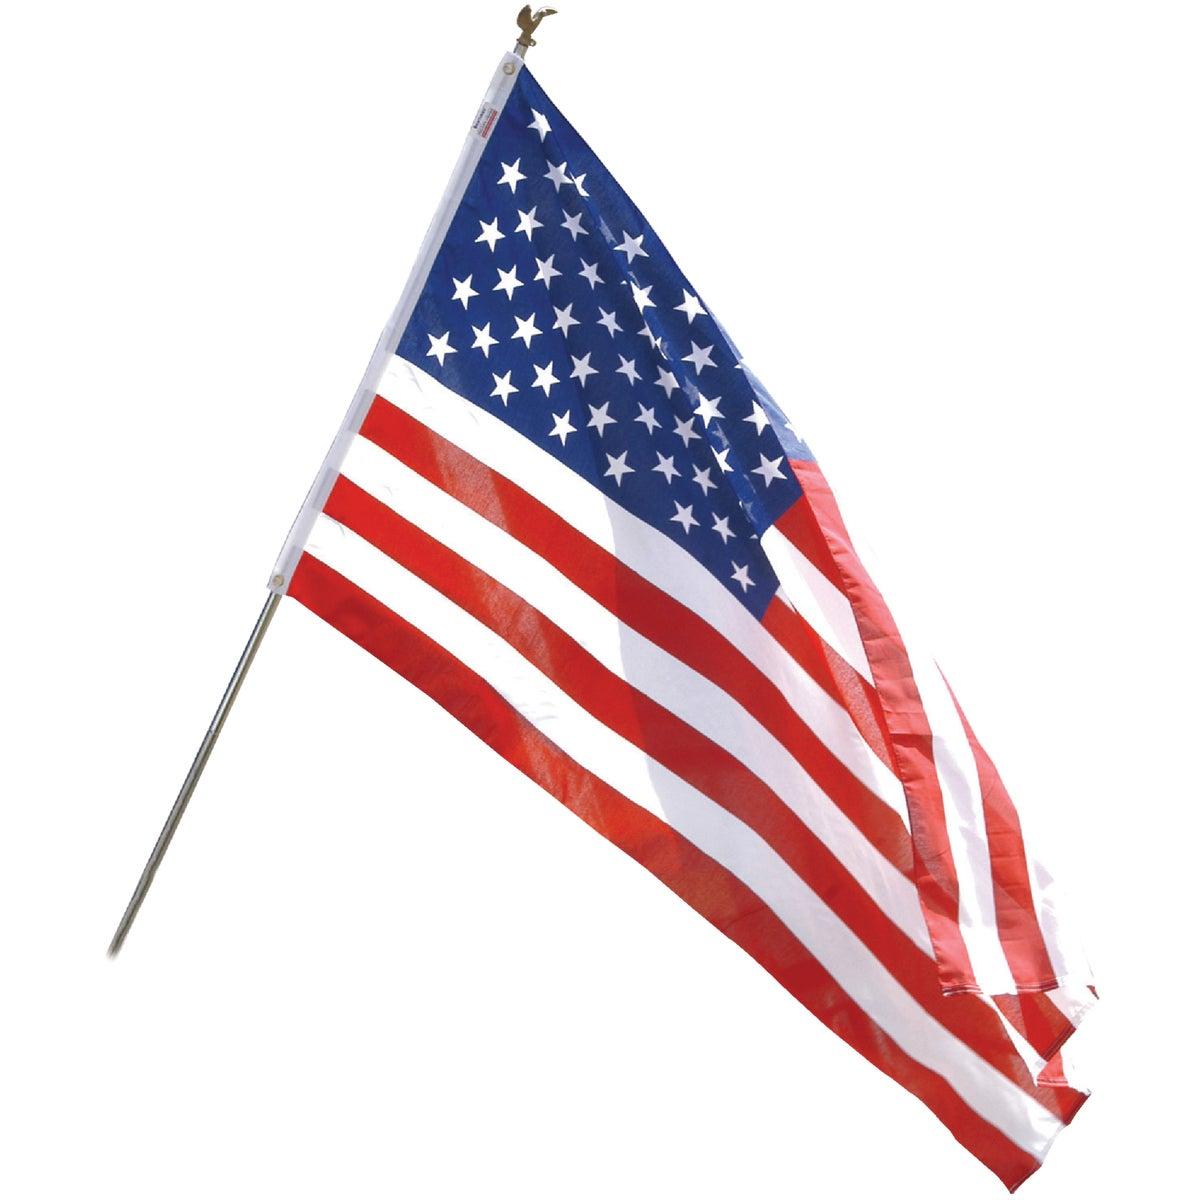 3X5 POLY COTTON FLAG KIT